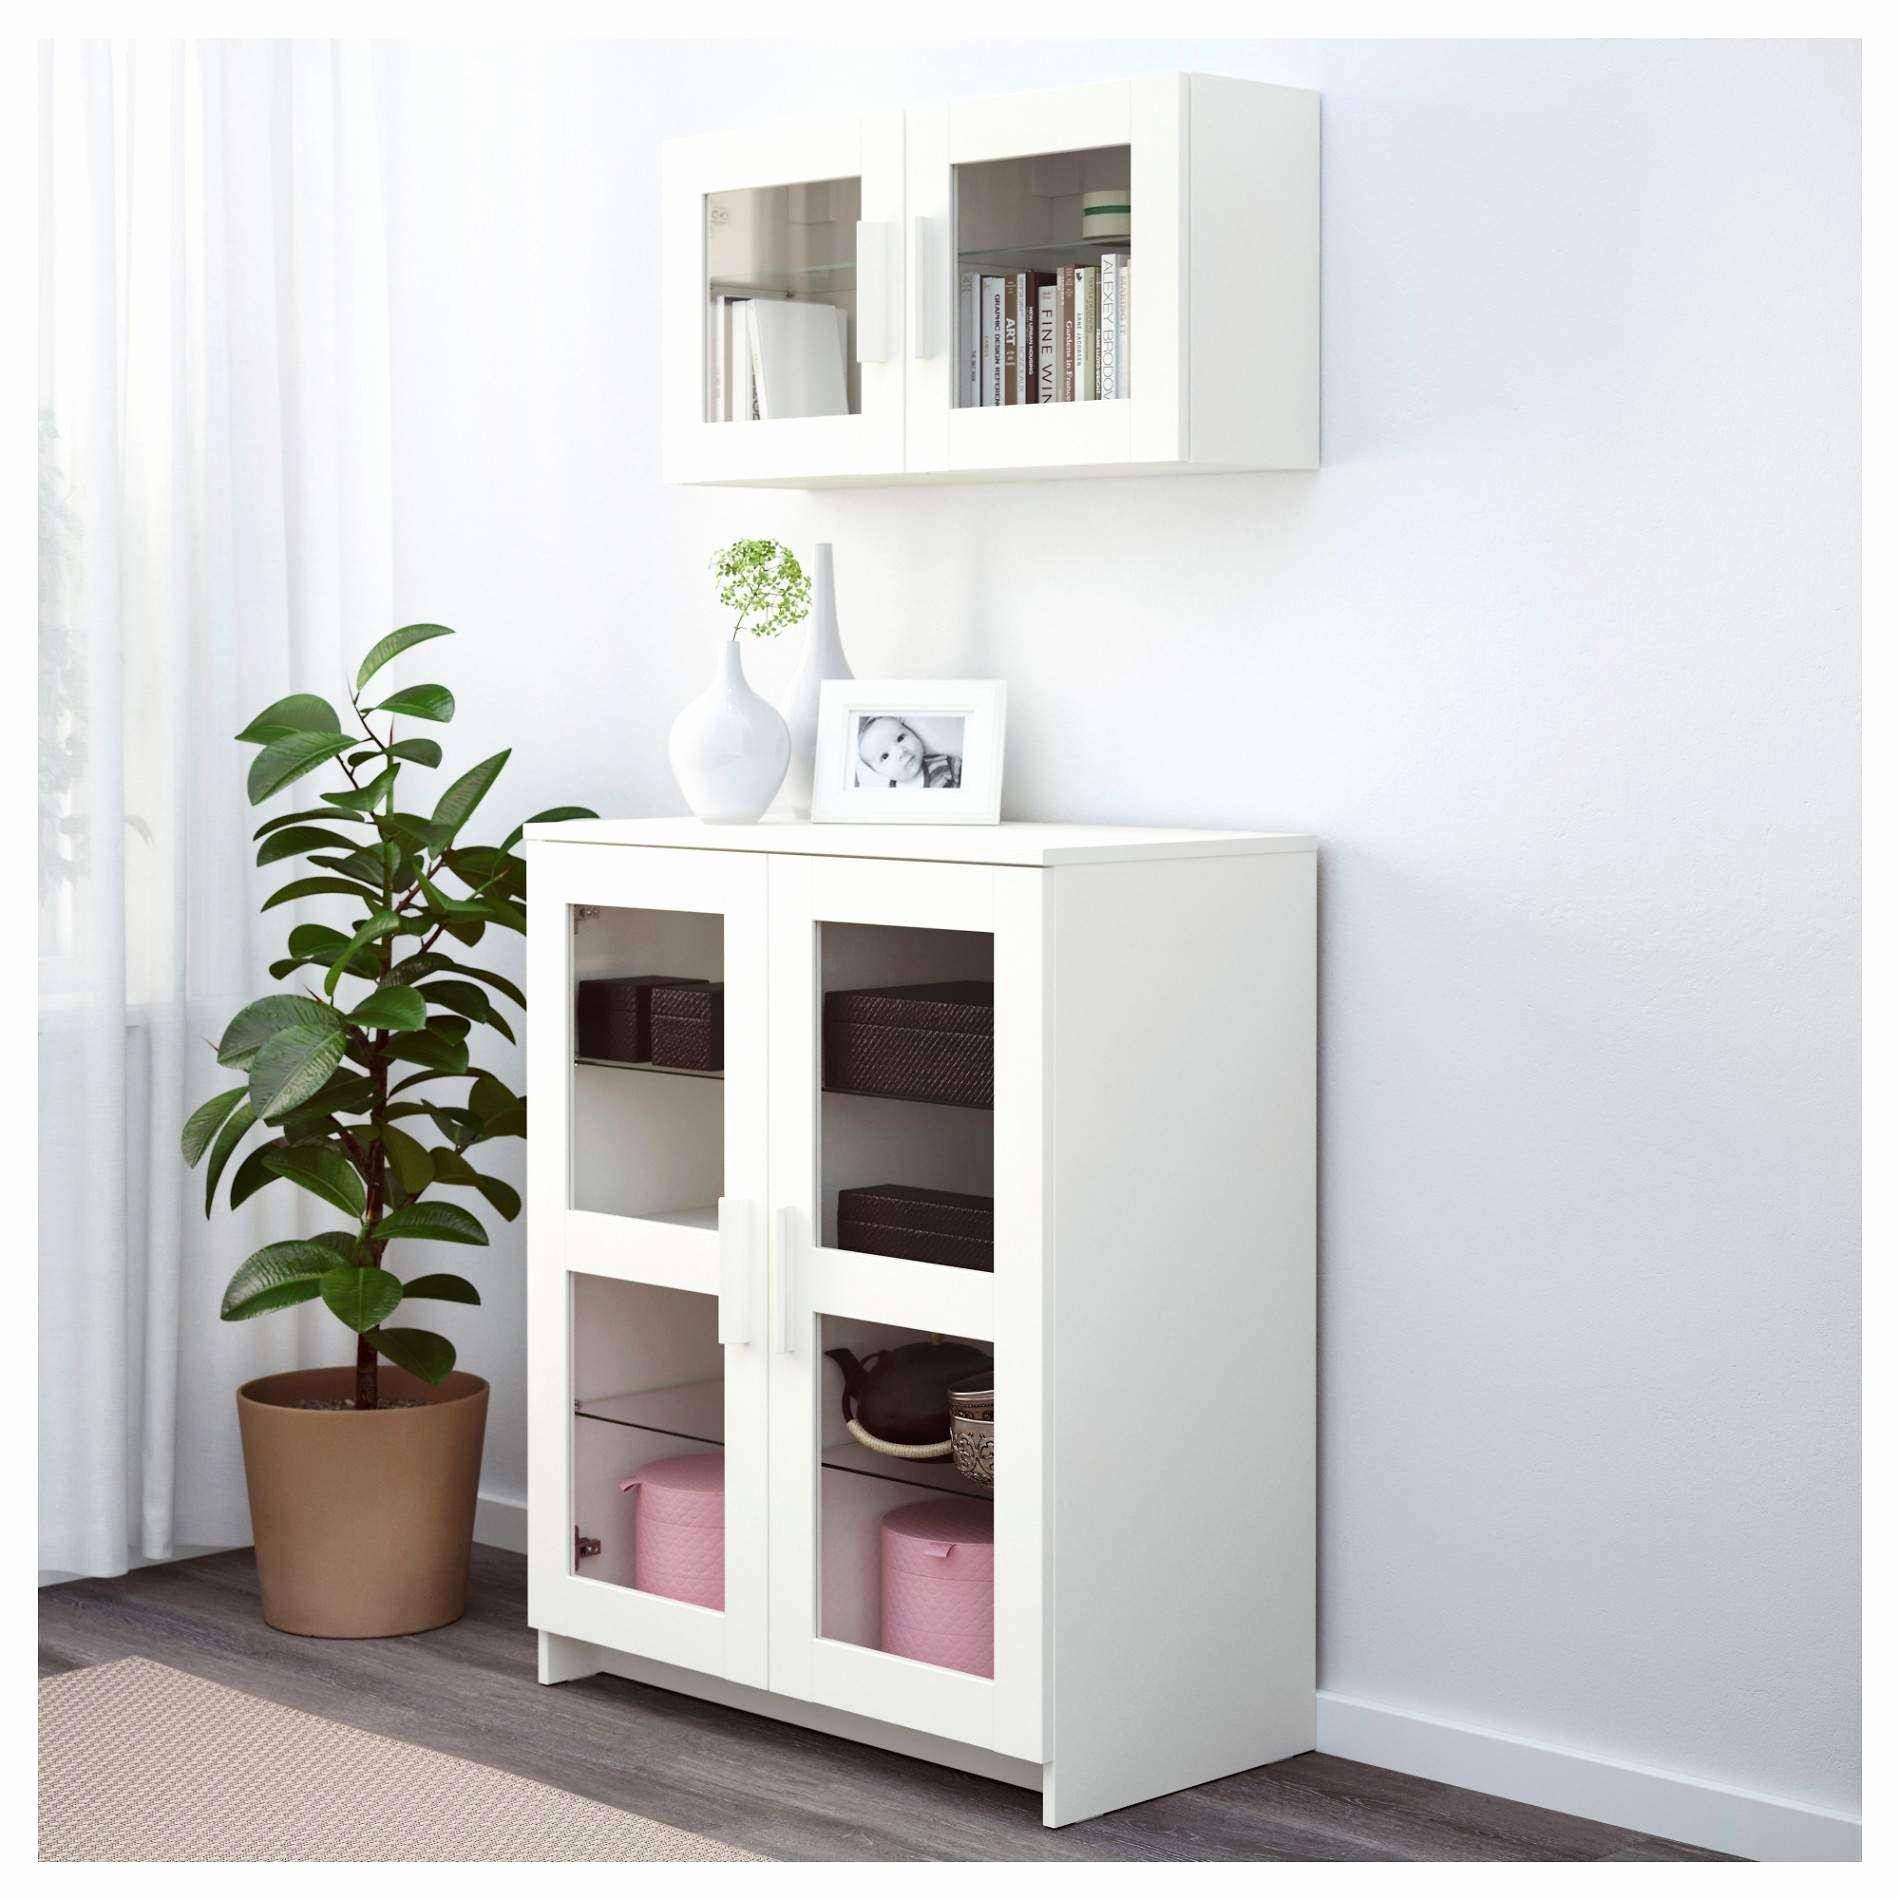 wohnzimmer deko online shop reizend wohnzimmer deko line shop elegant of wohnzimmer deko online shop